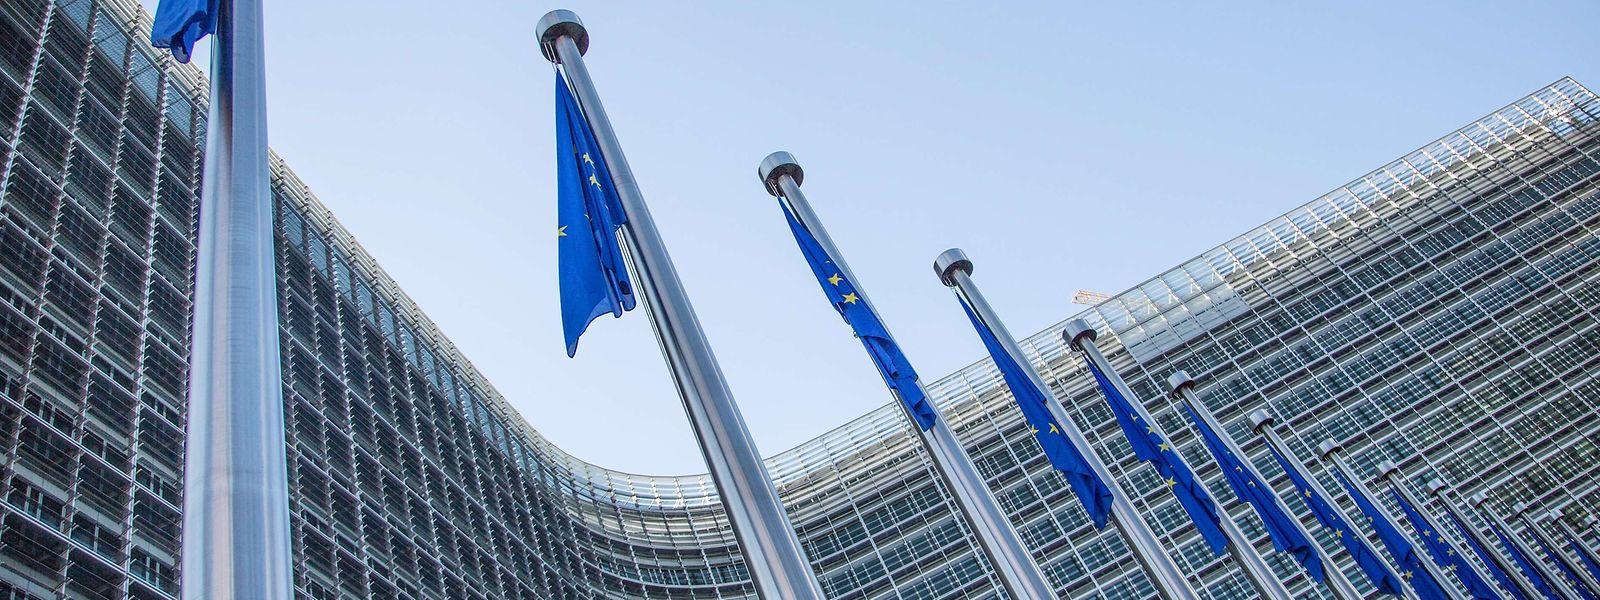 Die EU steckt in einer tiefen politischen Krise und braucht mehr Parlamentarismus.